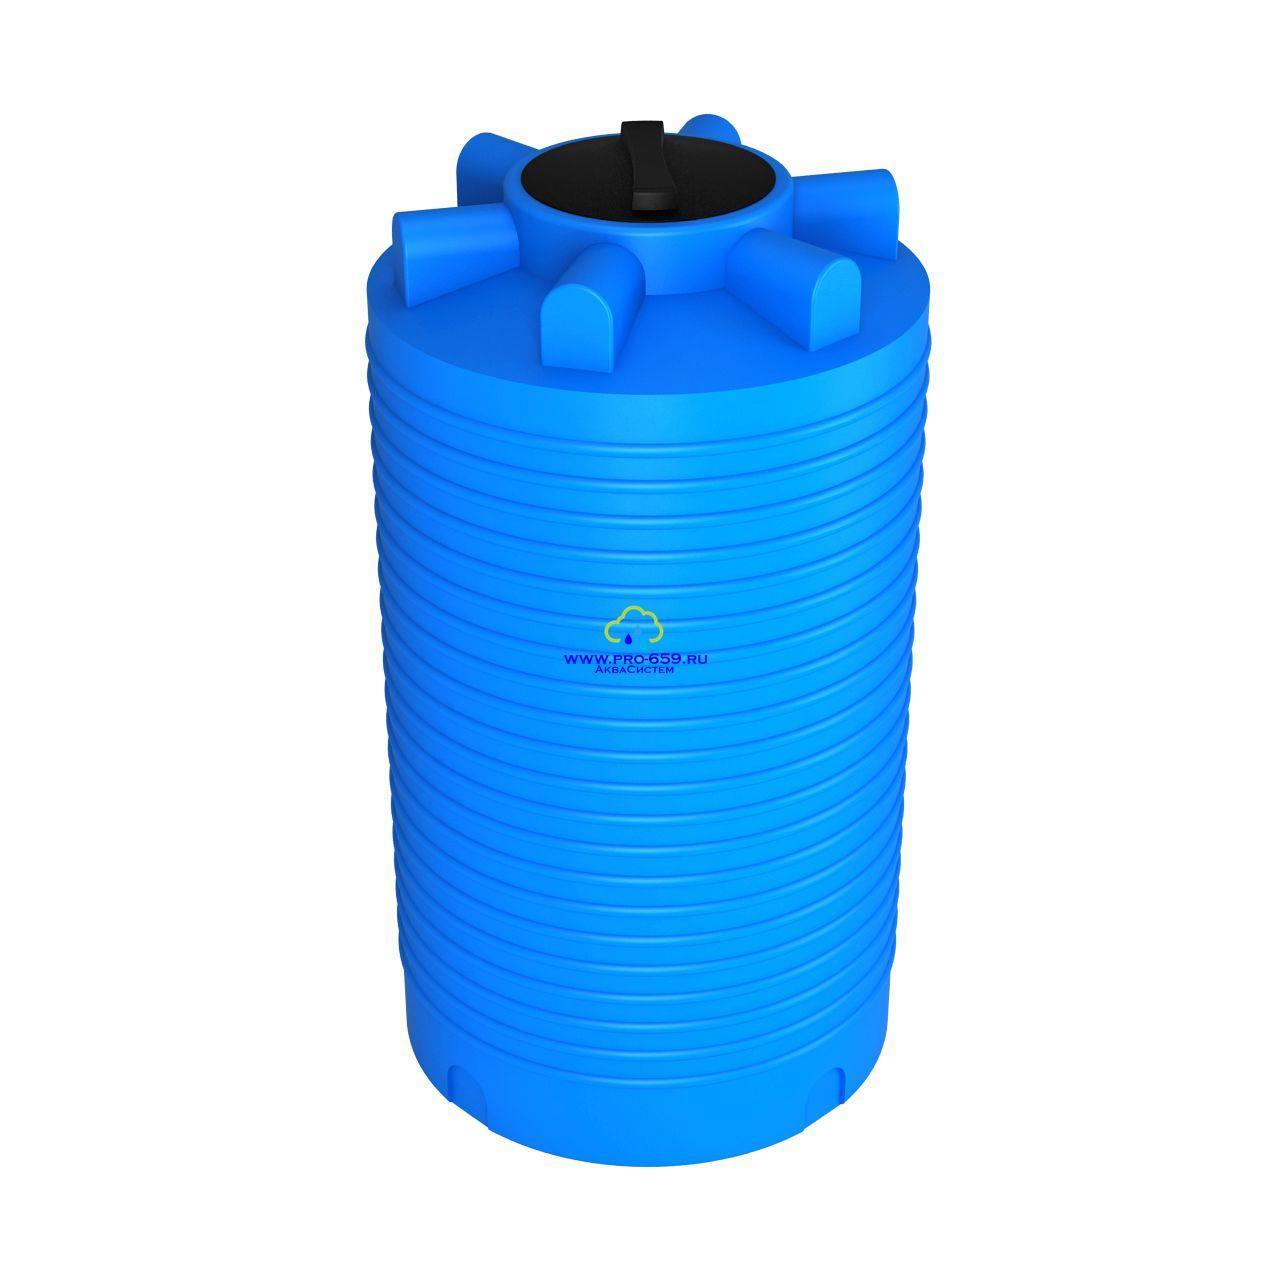 Емкость ЭВЛ-Т 500 литров